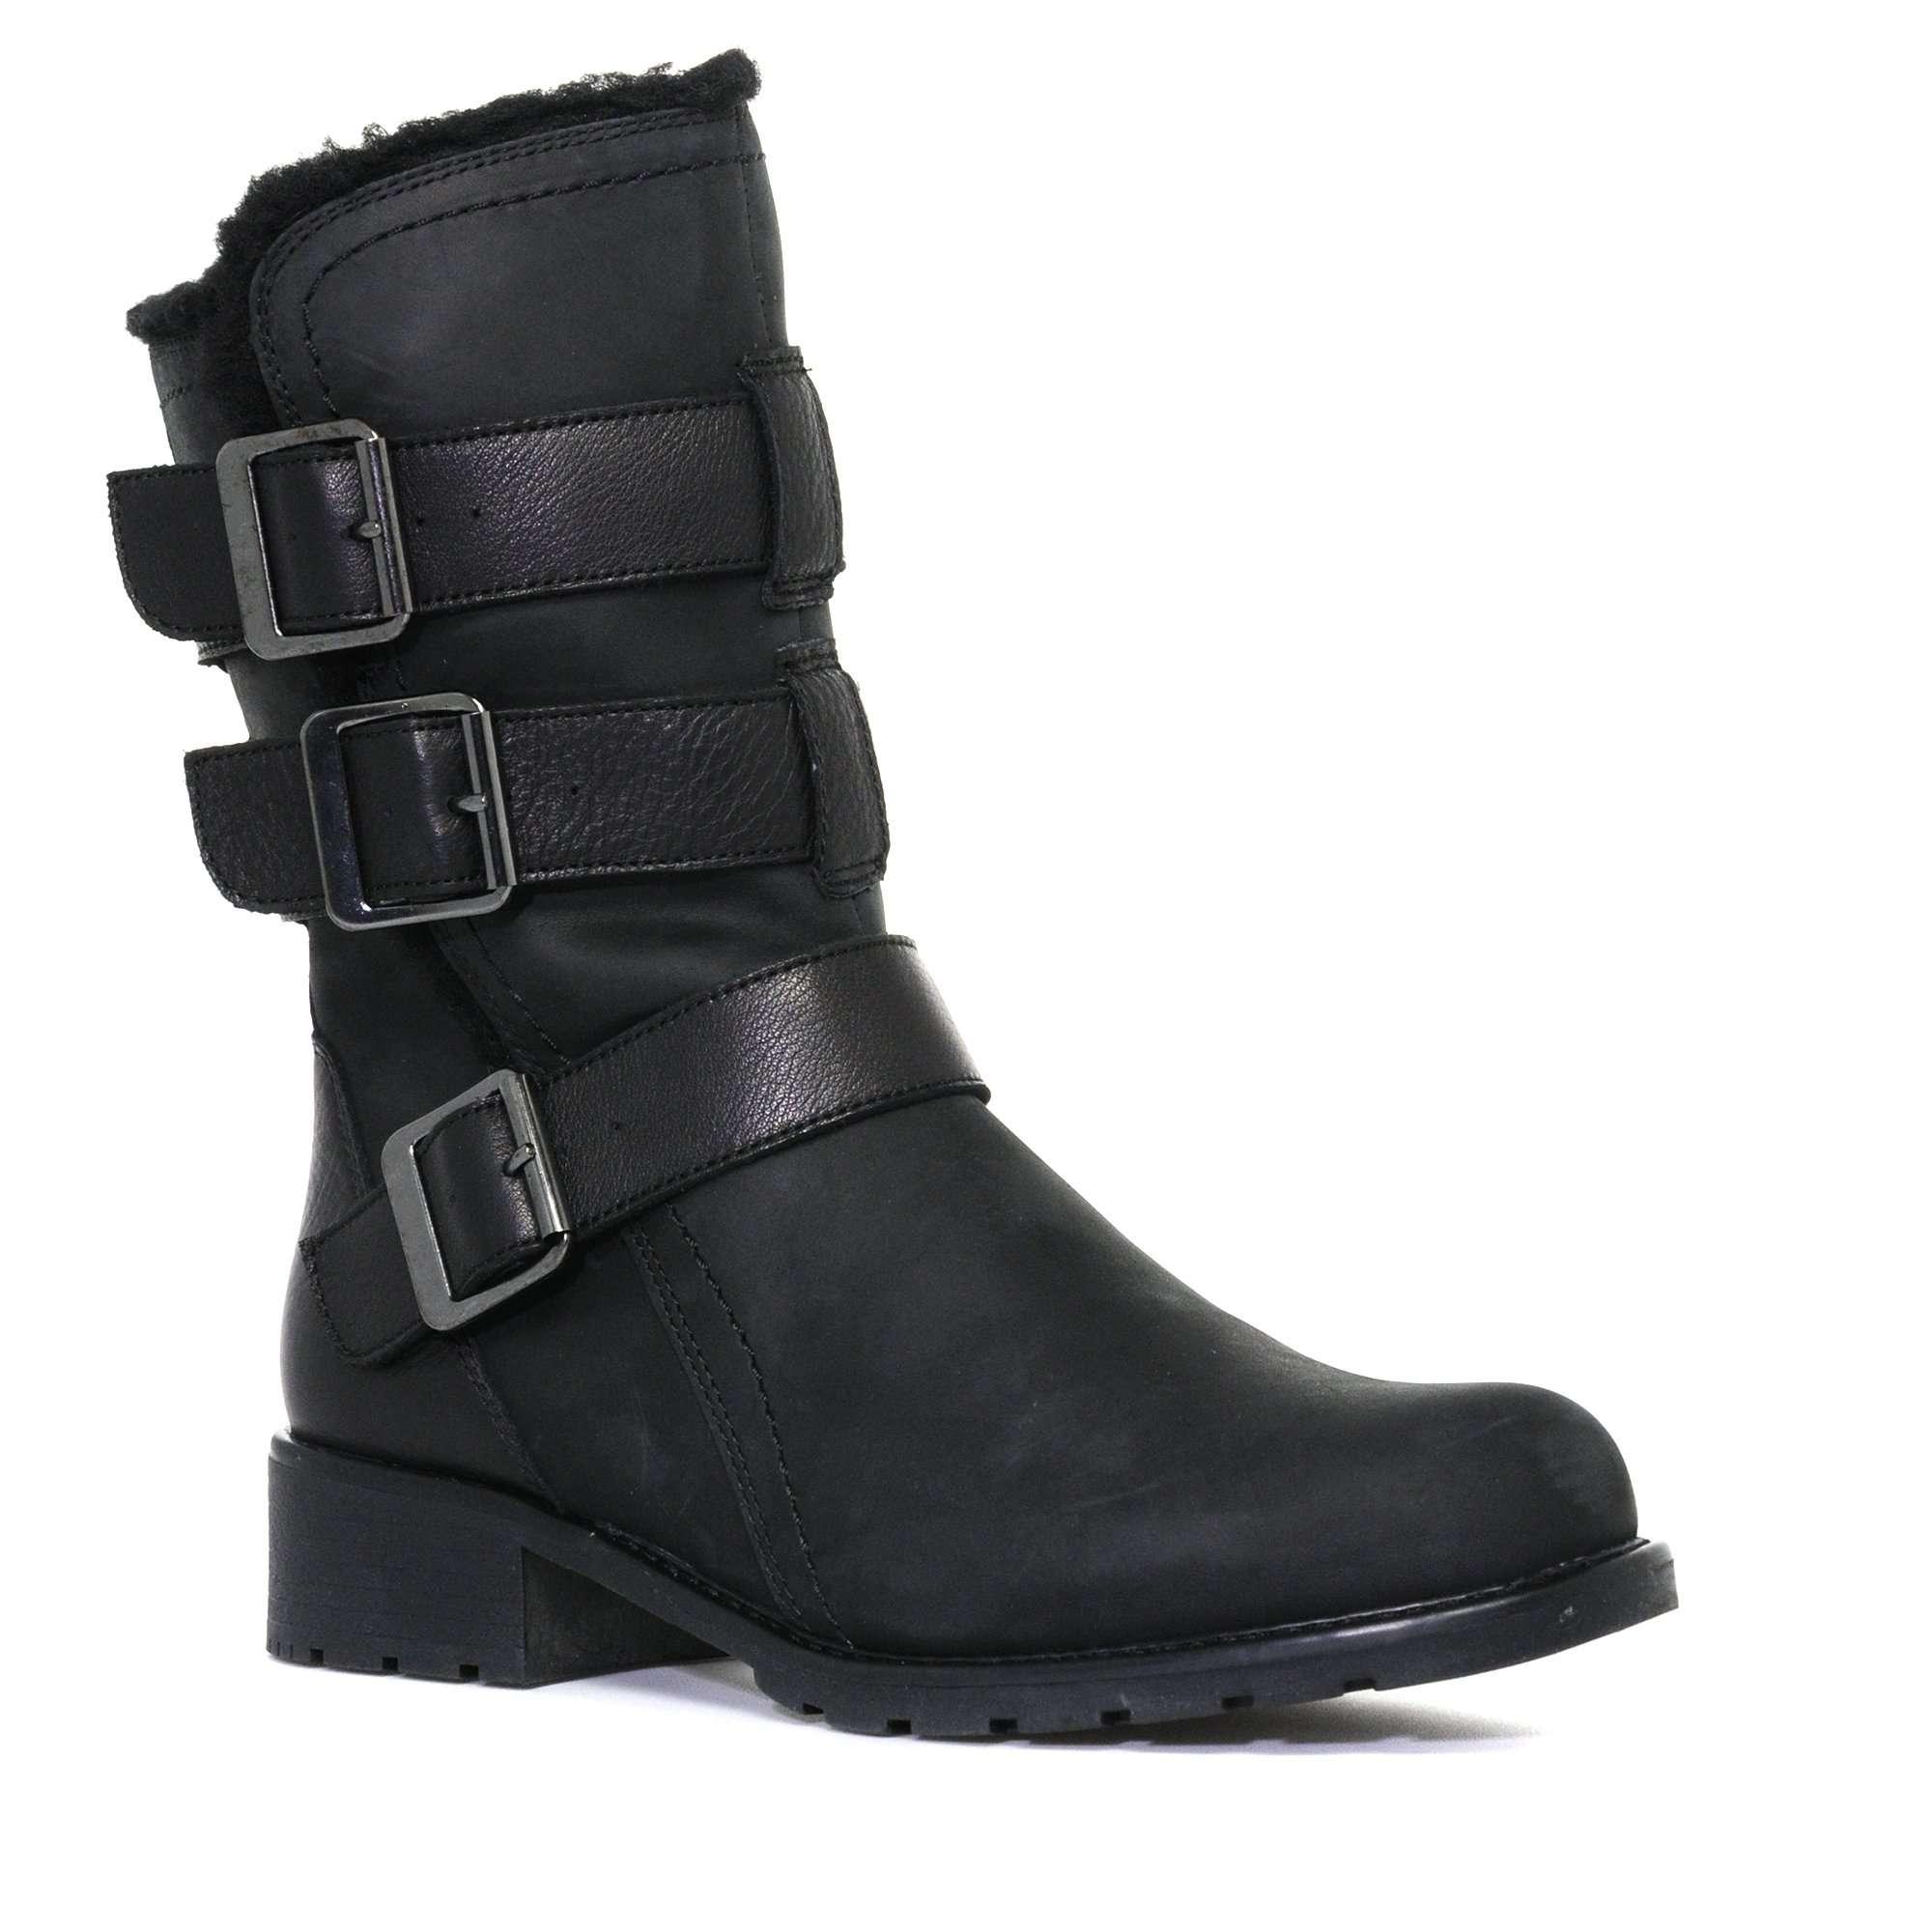 CLARKS Women's Orinoco Bloom Boot